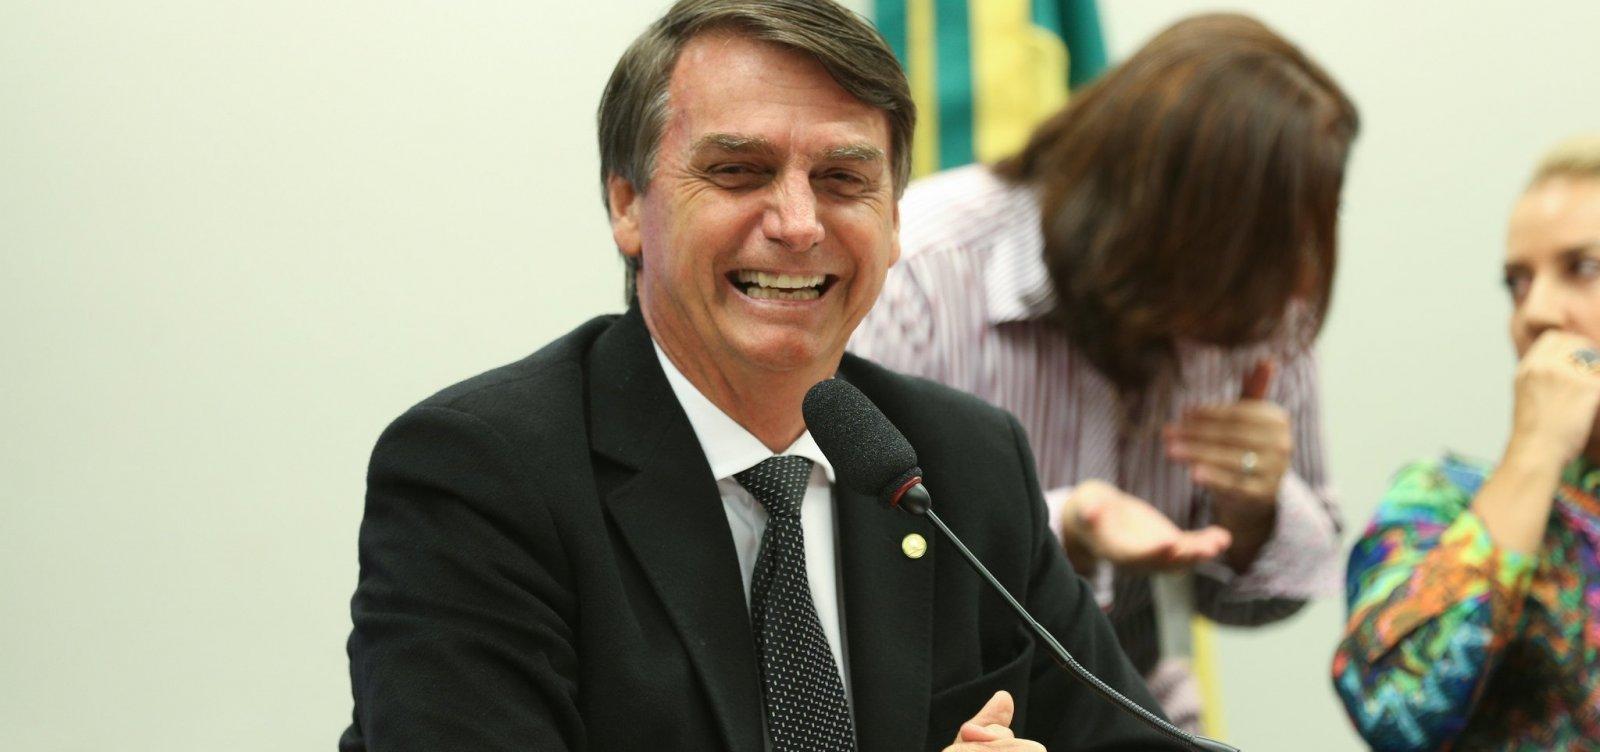 Aliados de Bolsonaro falam em revogar PEC da Bengala, diz coluna